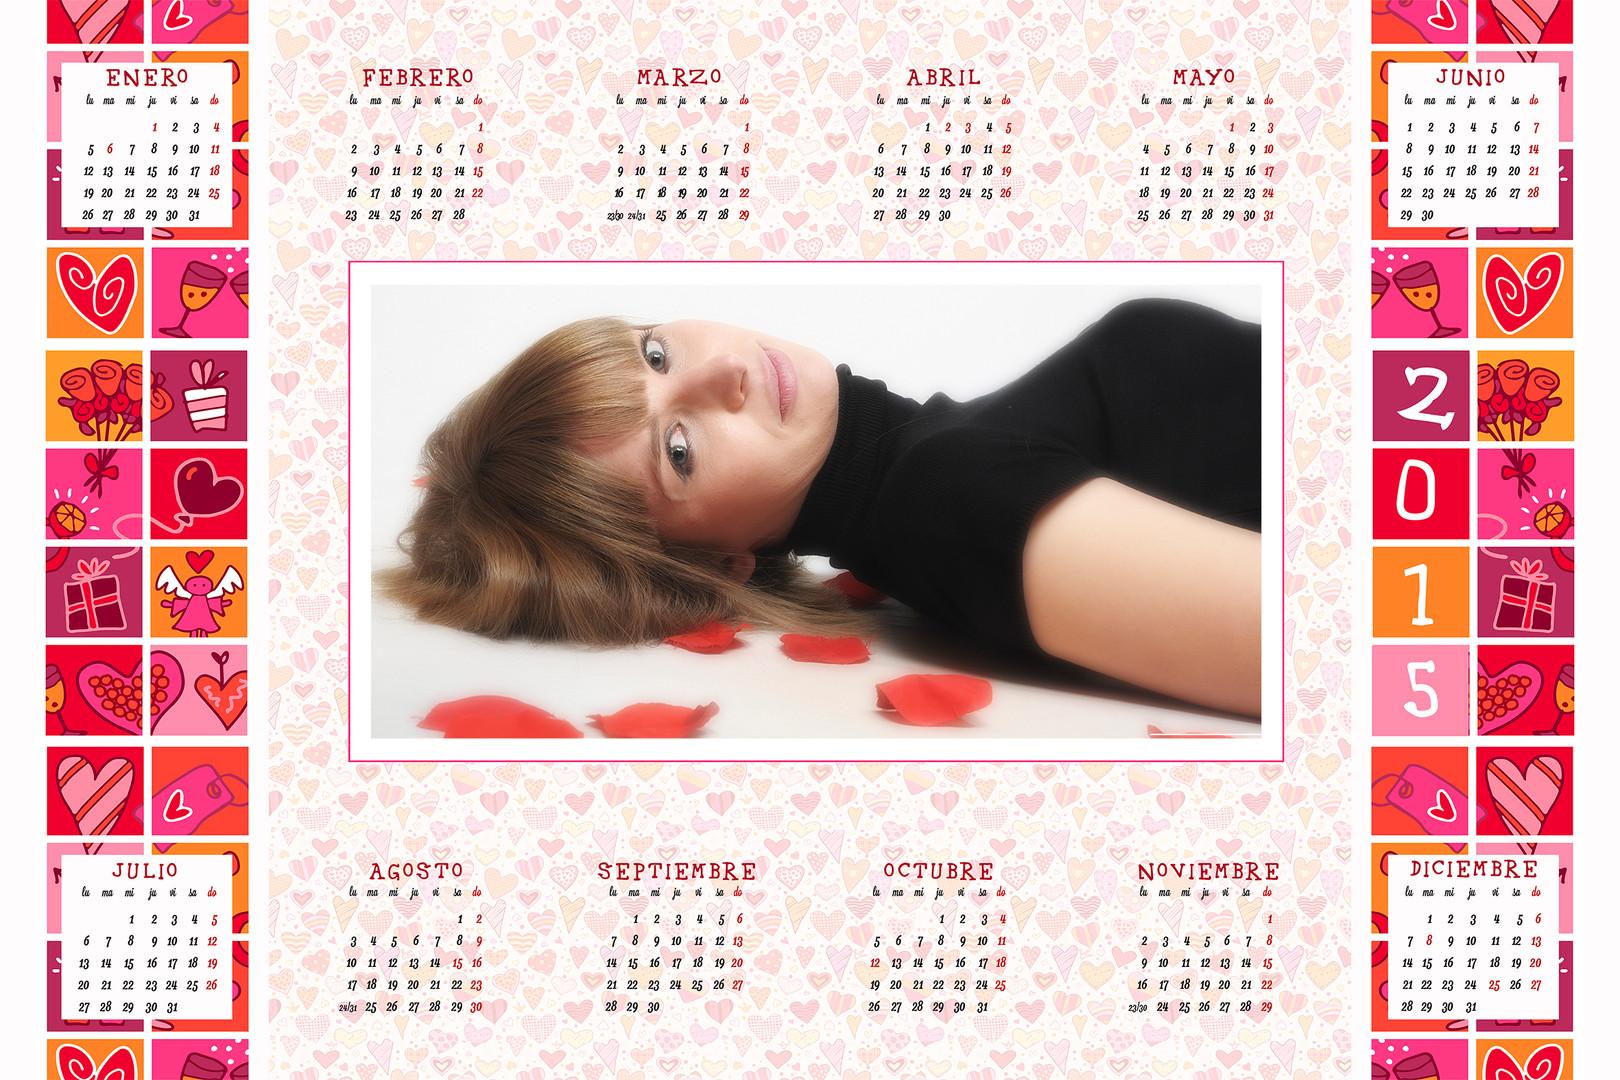 Calendario con fotos en cada mes